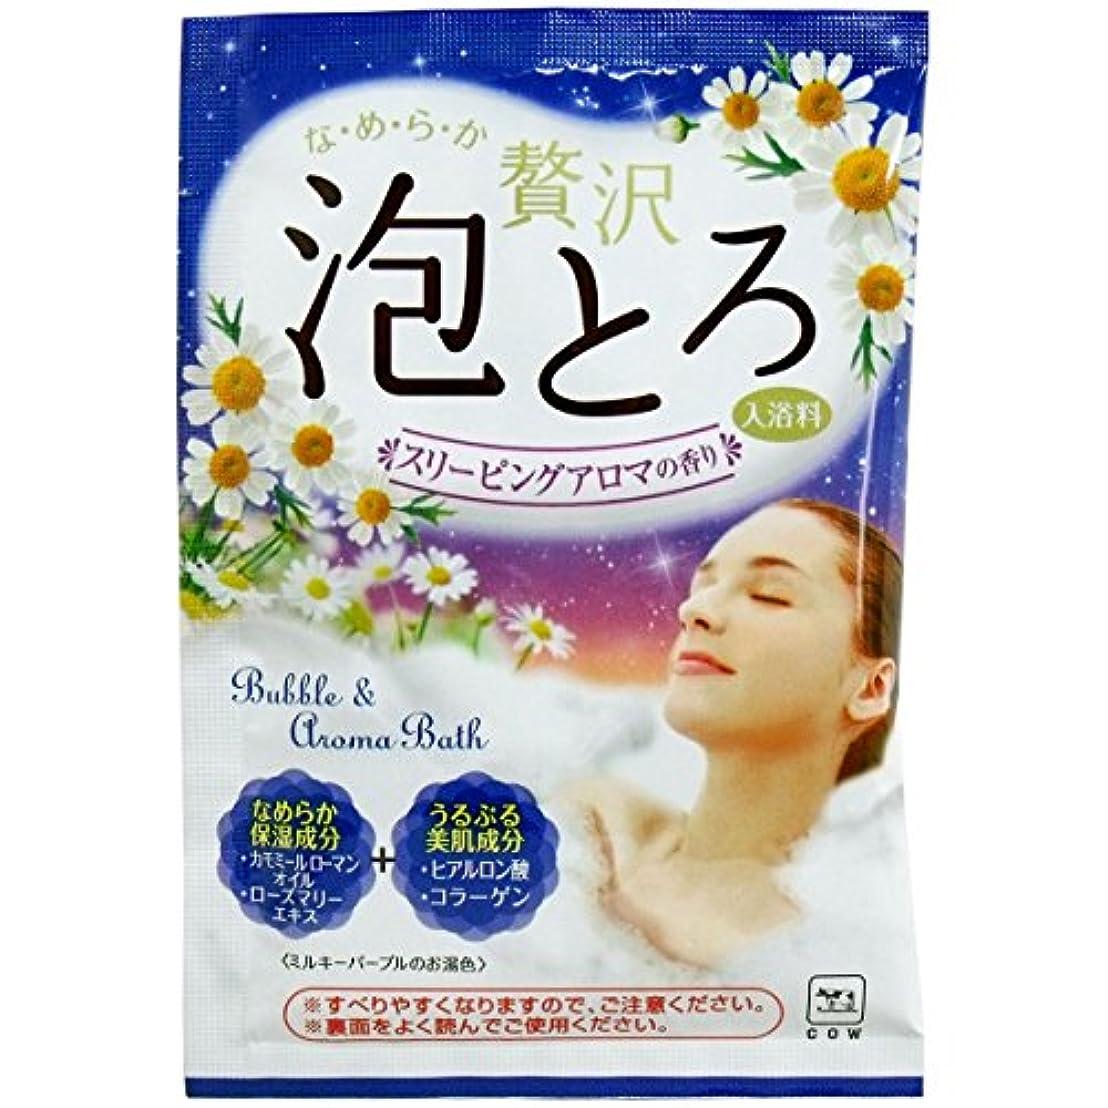 意味のある優雅なお金ゴム贅沢泡とろ 入浴料 スリーピングアロマの香り 30g 【4点セット】